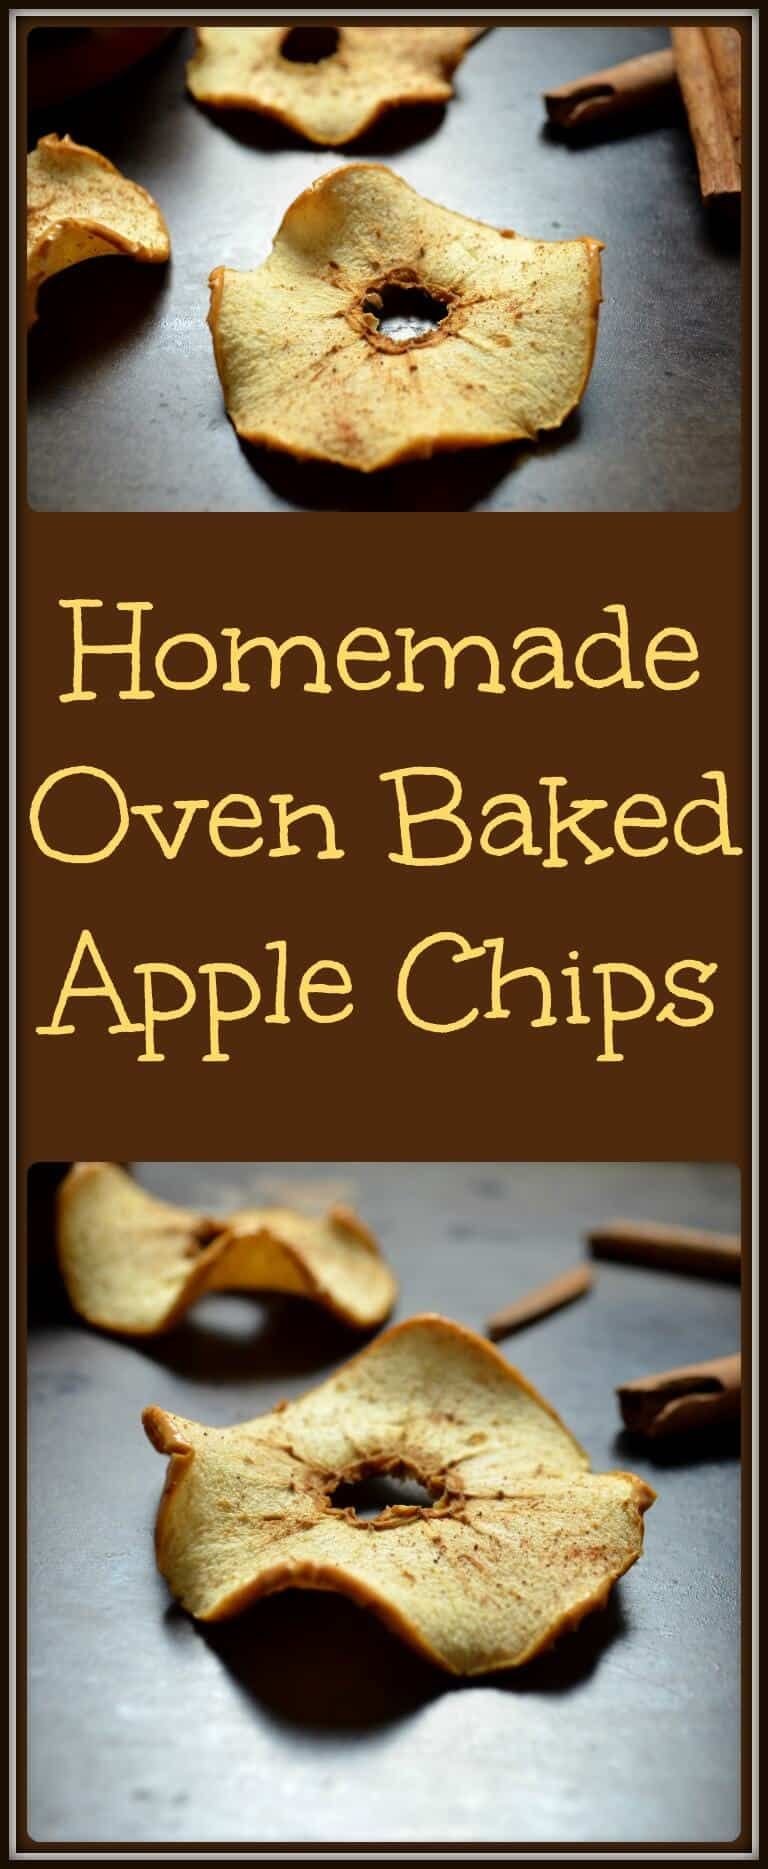 Homemade Oven Baked Apple Chips